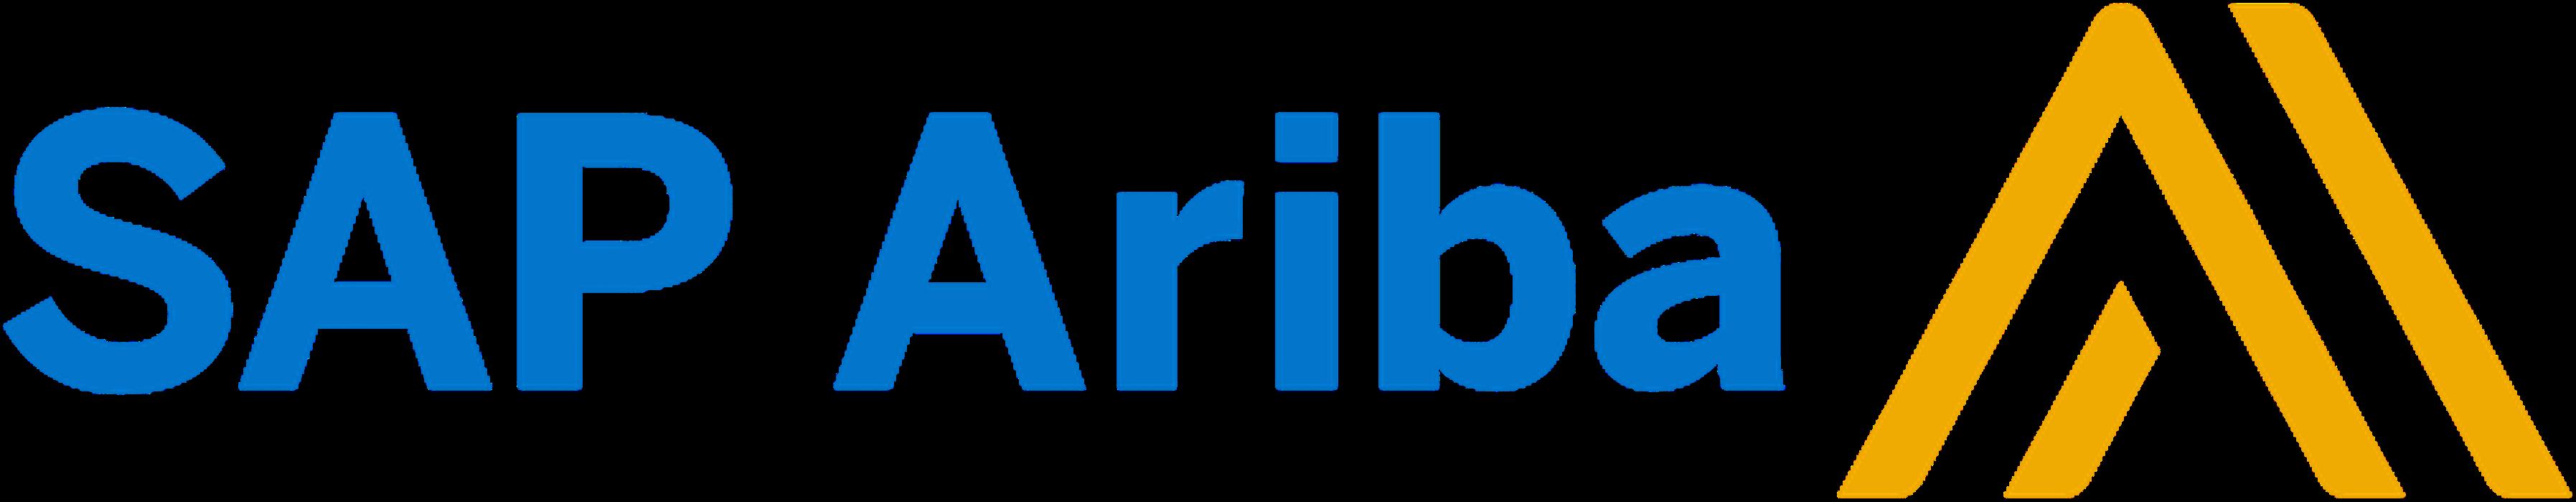 SAP-Ariba-Logo_1.11.16